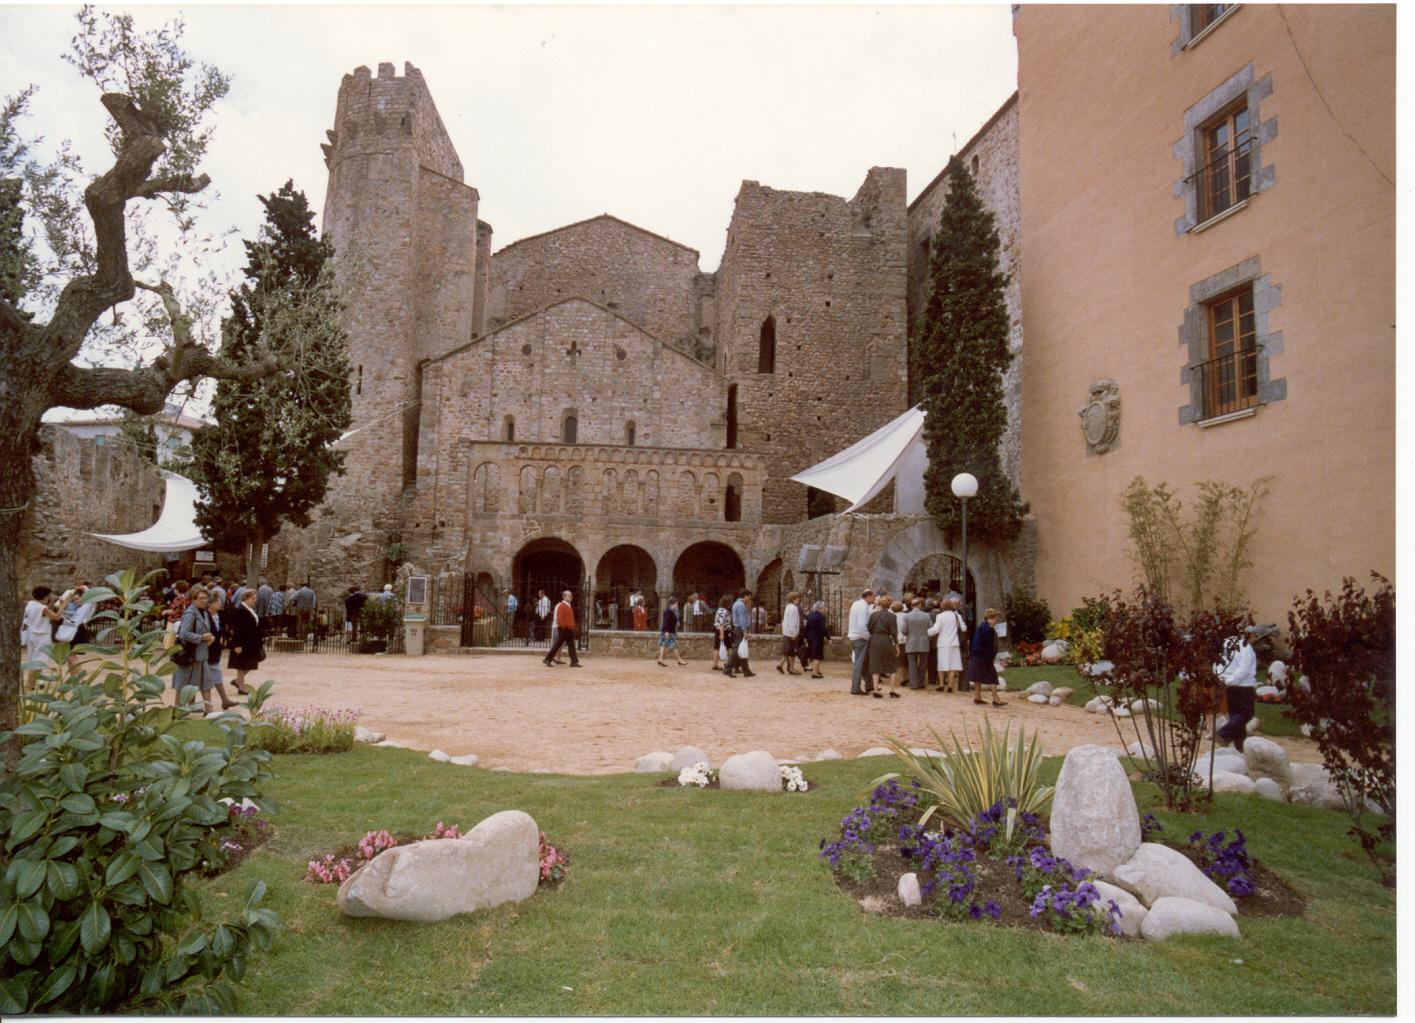 Detall de la plaça del Monestir durant el Concurs exposició de plantes i flors, 1990 AMSFG. Col·lecció Municipal d'Imatges (Autor desconegut)